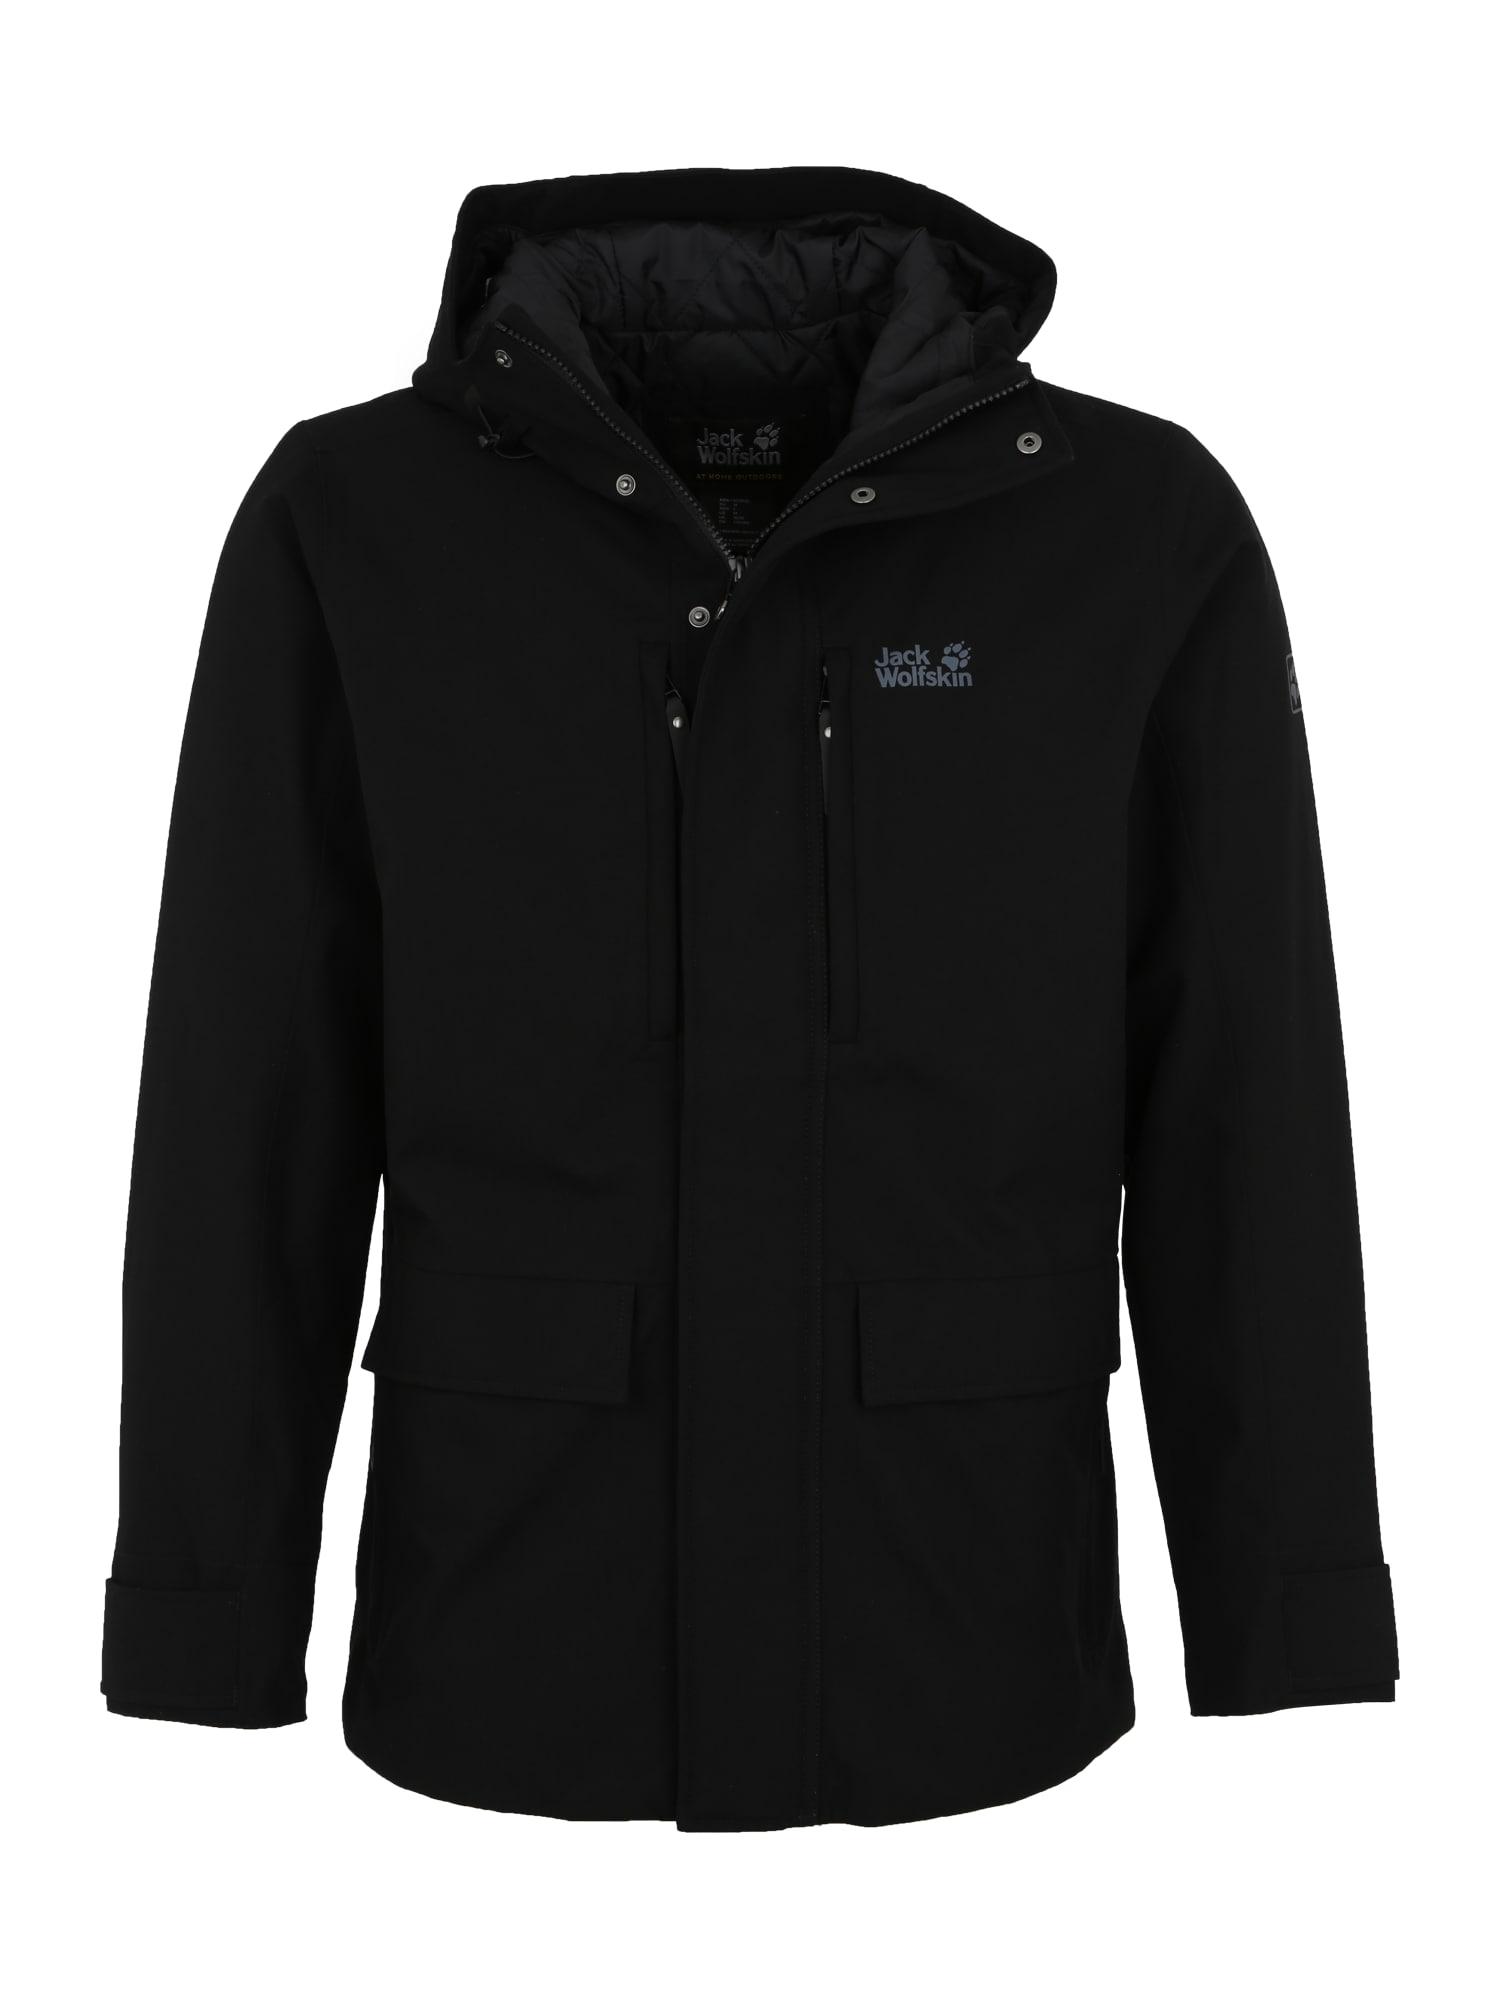 Outdoorová bunda WEST COAST černá JACK WOLFSKIN